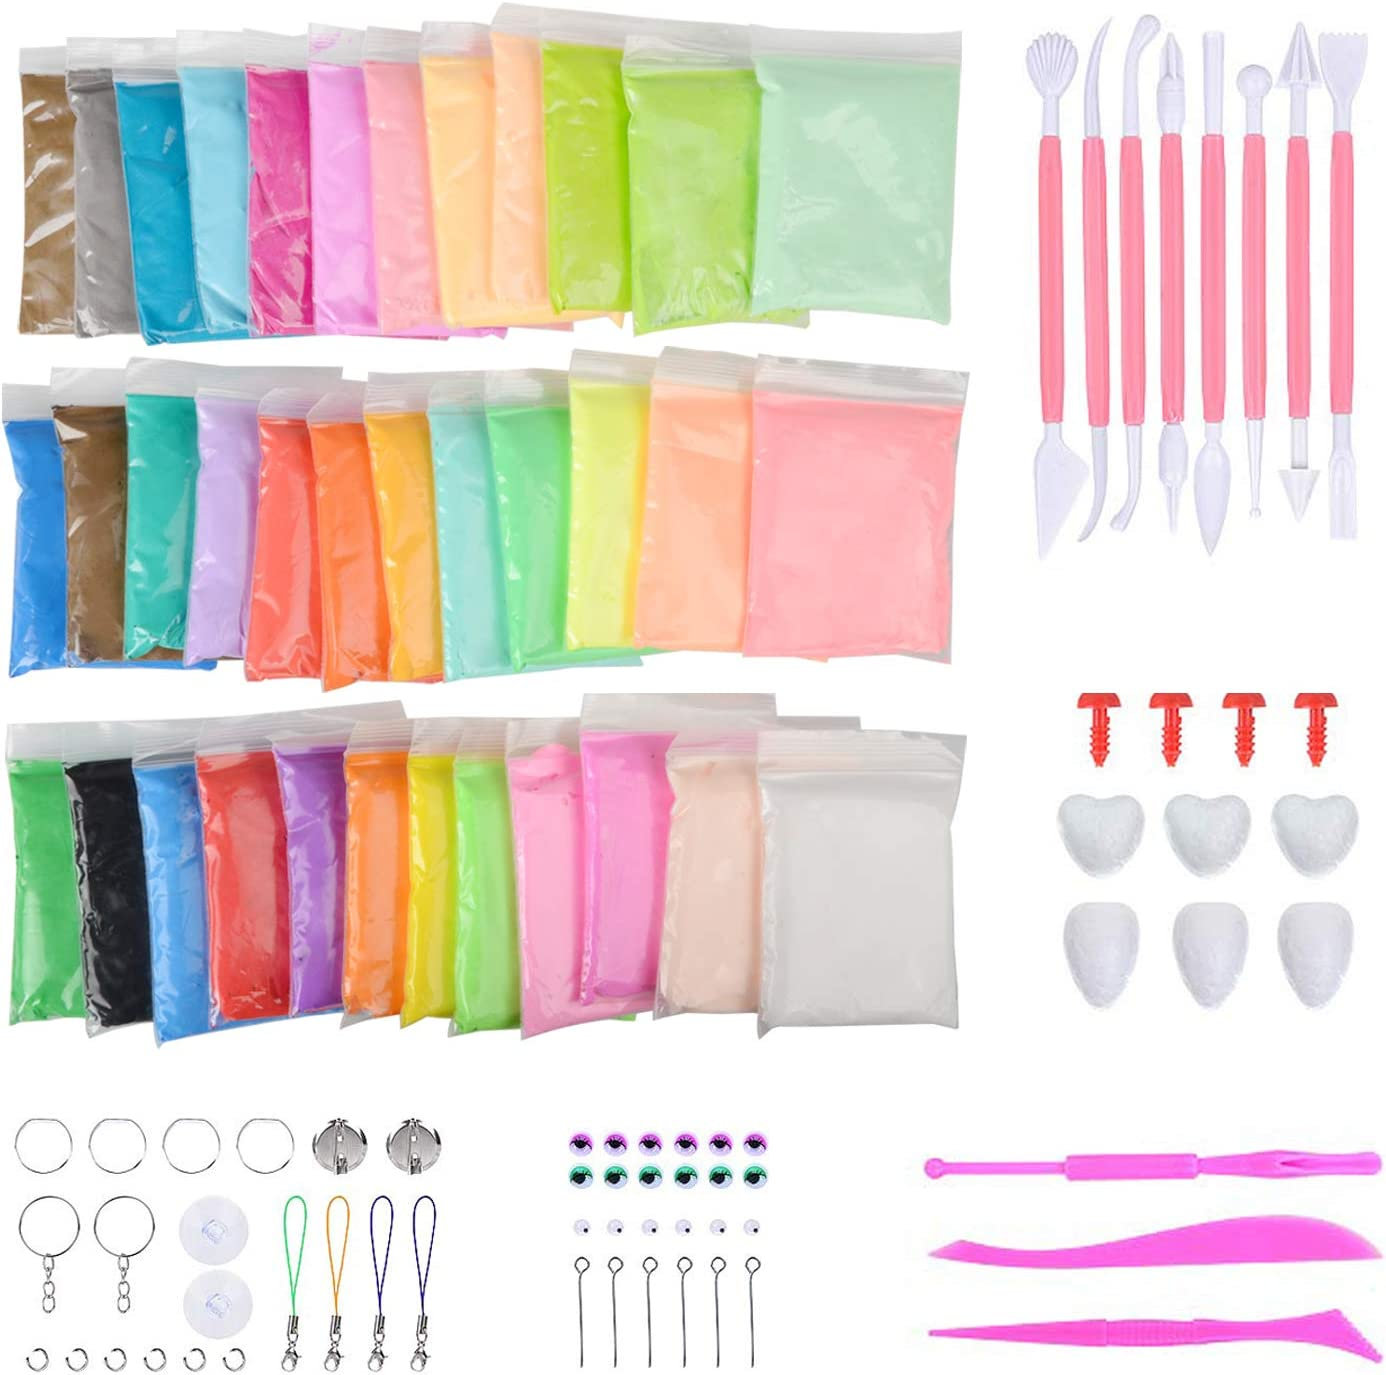 Abree 36 Colores Slime Kit - DIY Arcilla Colorida de Caucho de Barro Magia Plastilina - Juguetes Educativos sin Tóxicopara Niños - Regalo Creativo de Cumpleaños para Niños de 3 años/5 años/7 años